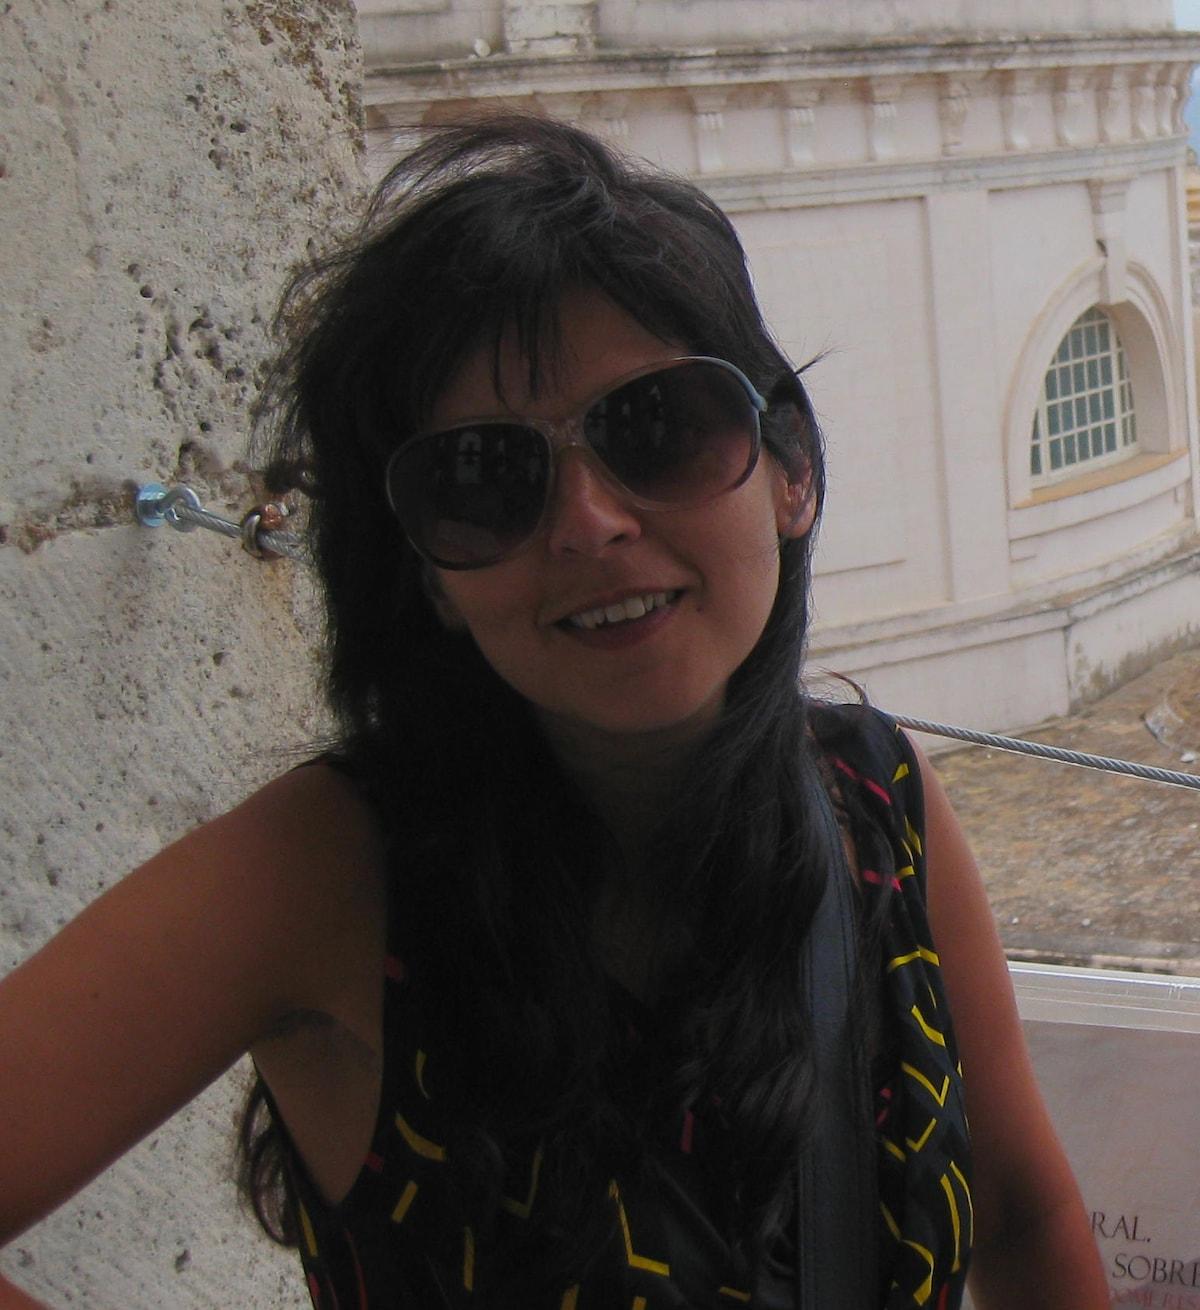 Edna from Vila Nova de Gaia